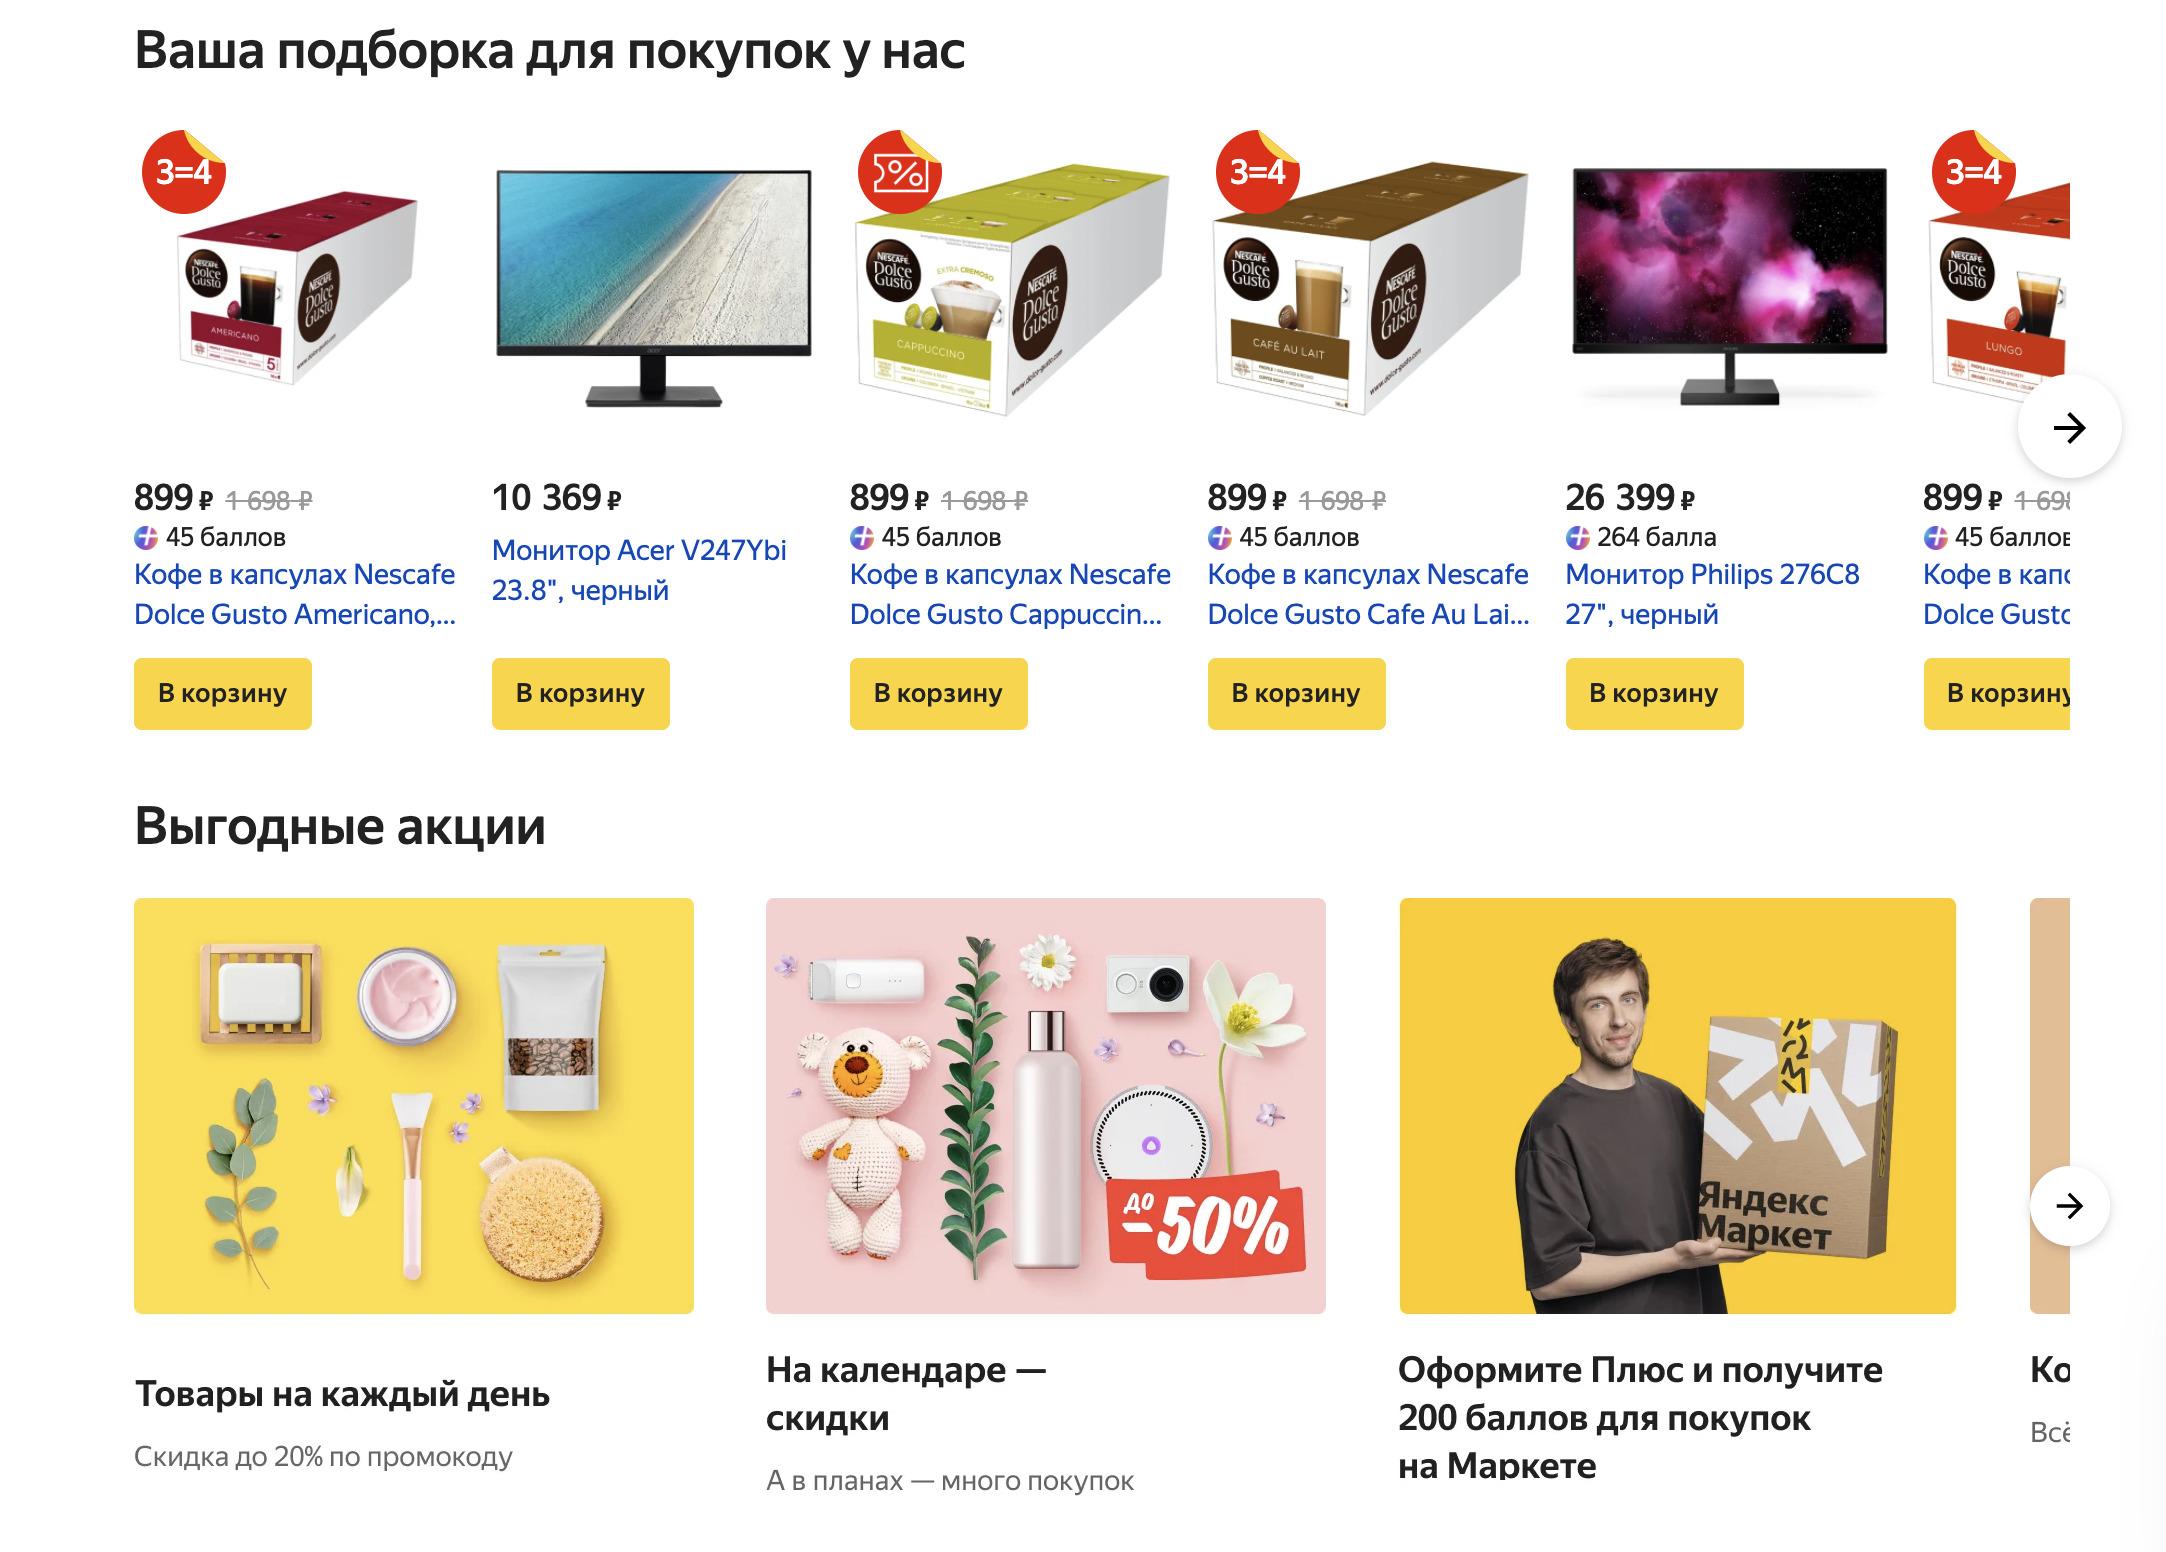 Доставка из Яндекс.Маркет в Жуковский, сроки, пункты выдачи, каталог